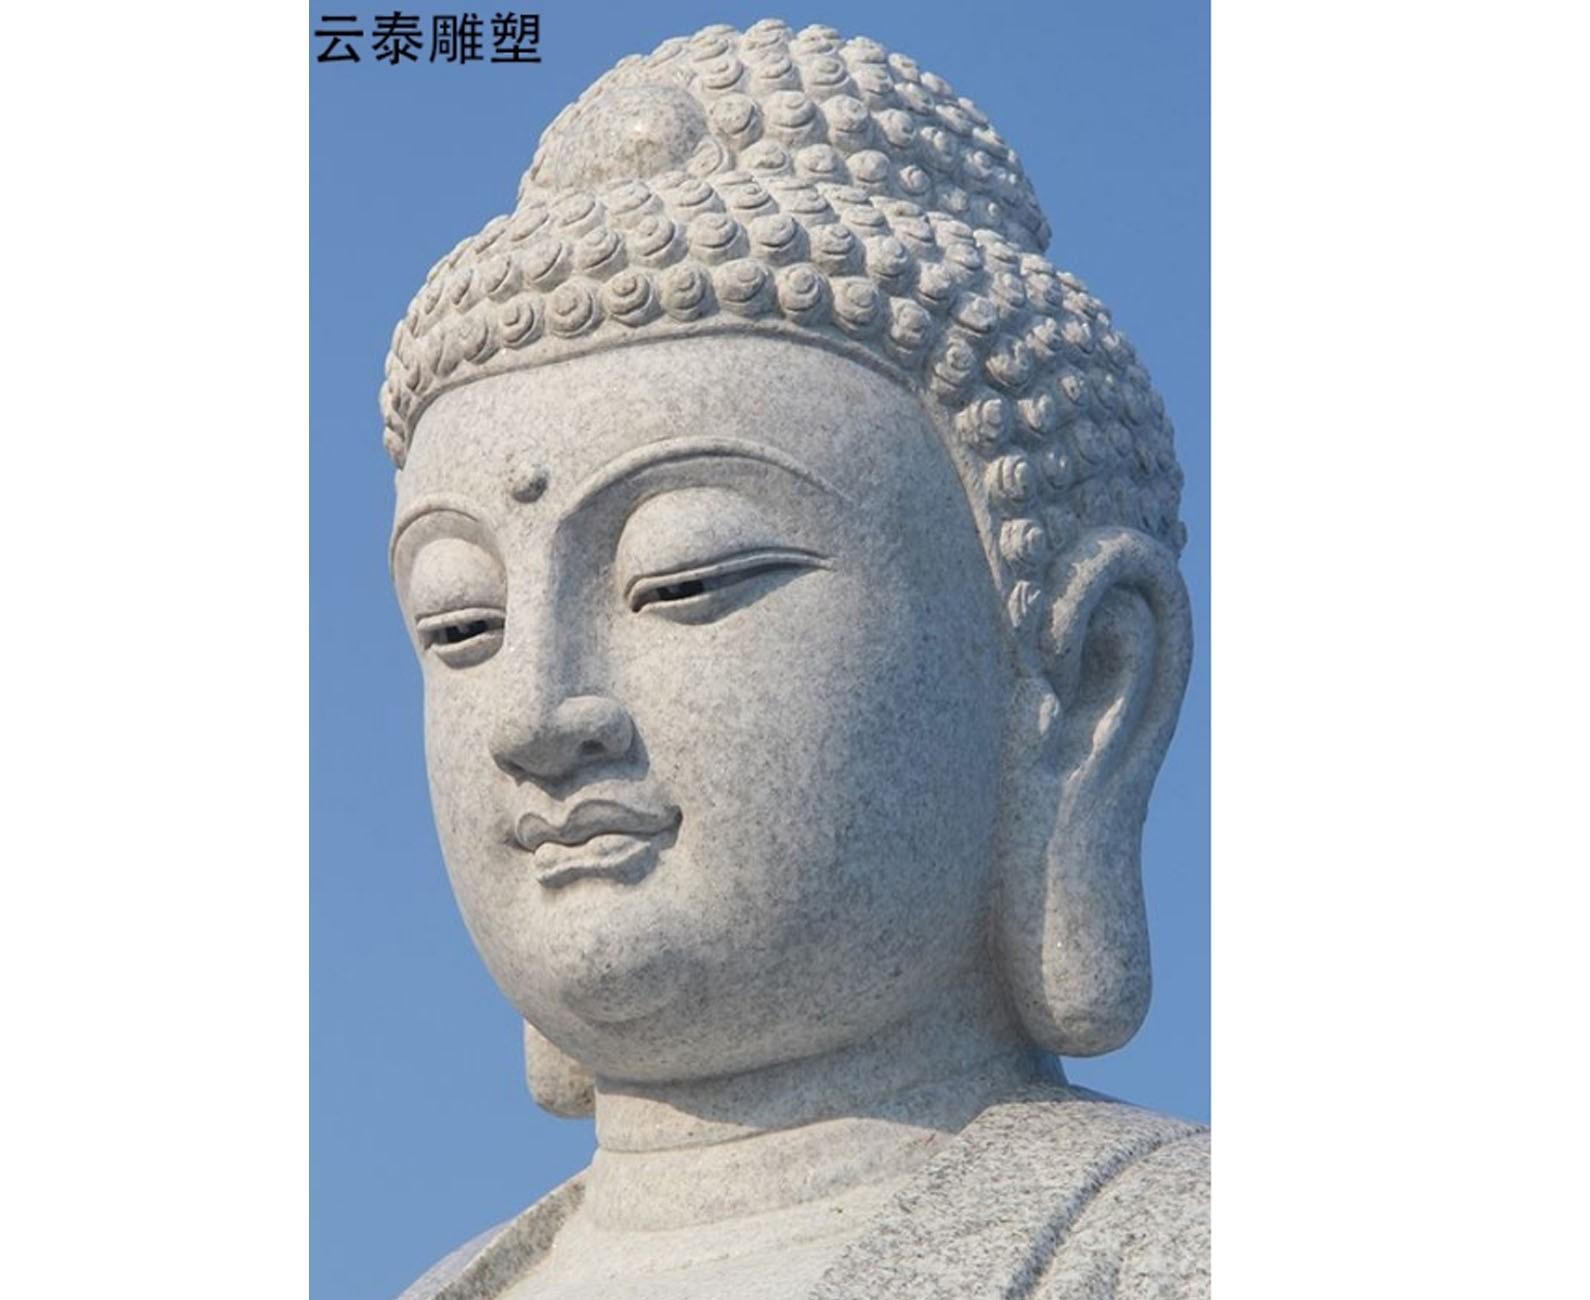 寺庙佛像雕塑